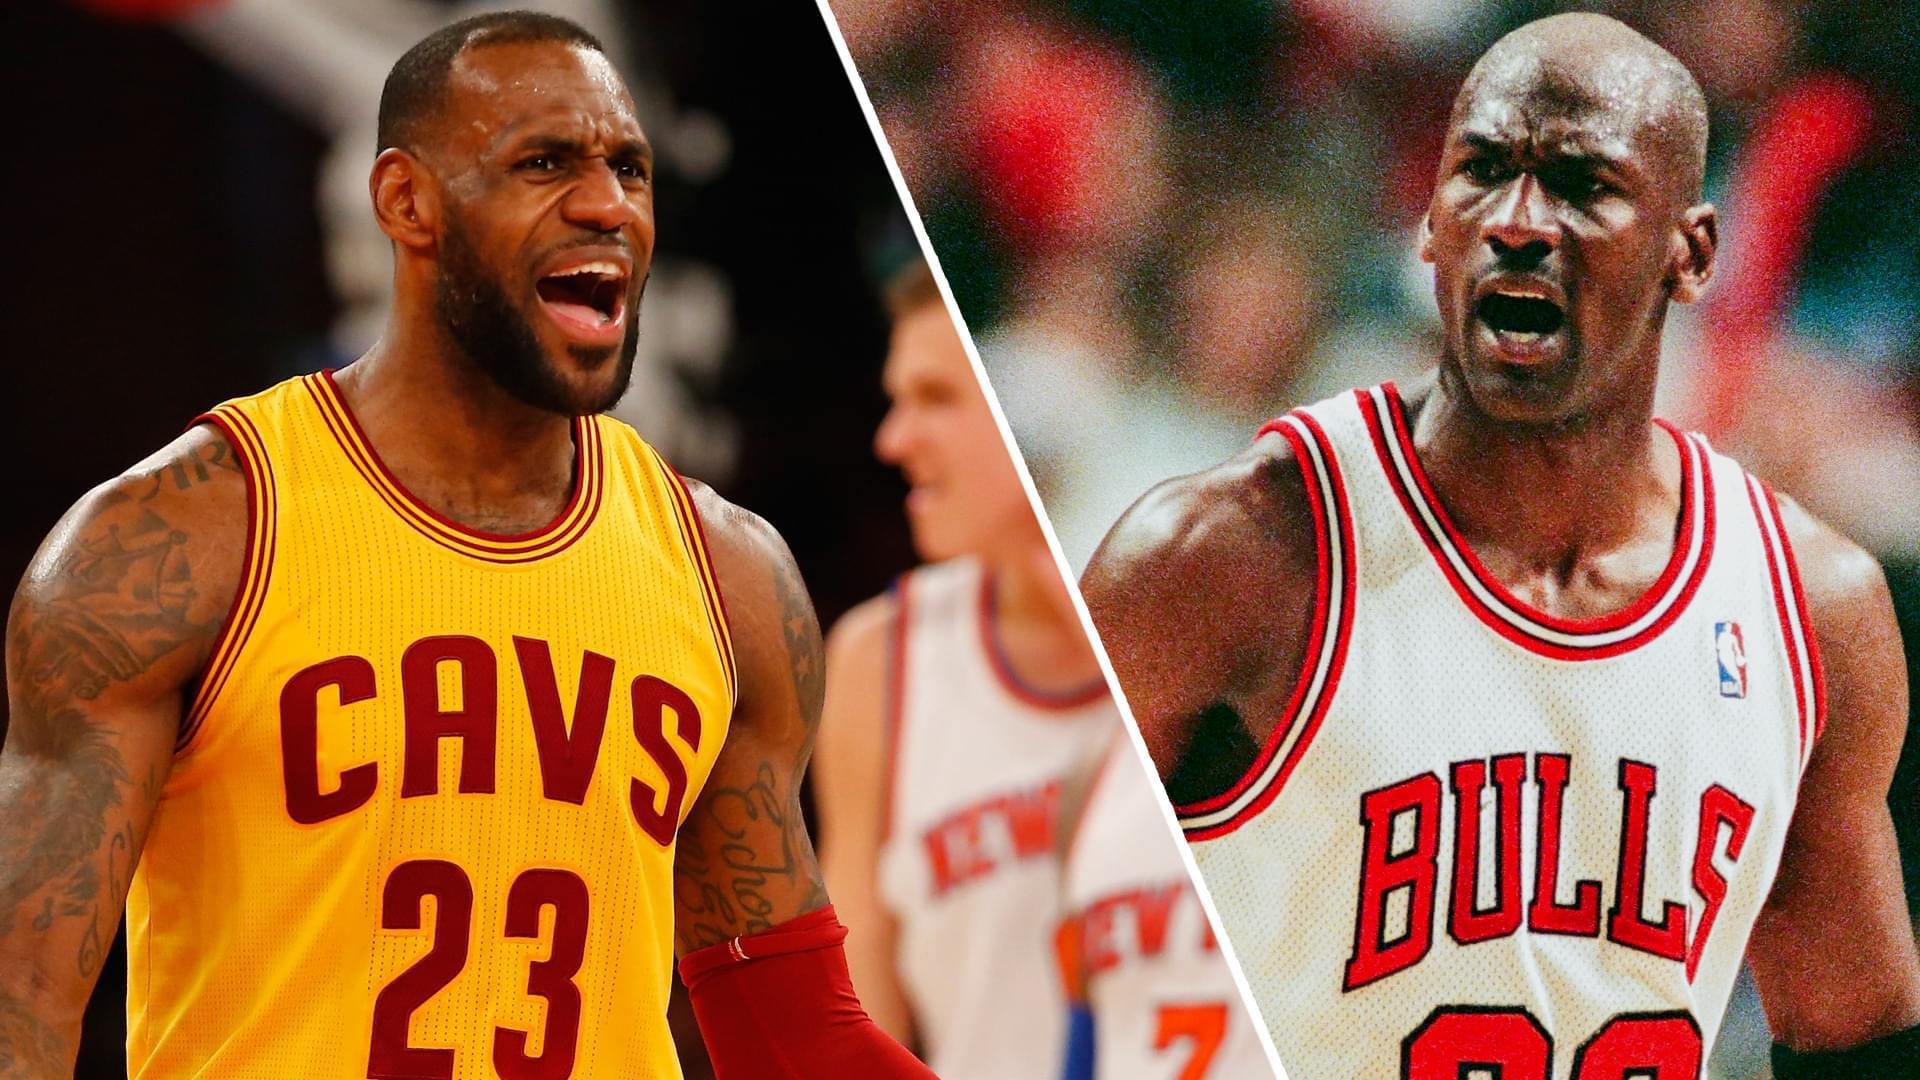 專傢:詹皇季後賽對手不如MJ? 騎士時期真不輕松